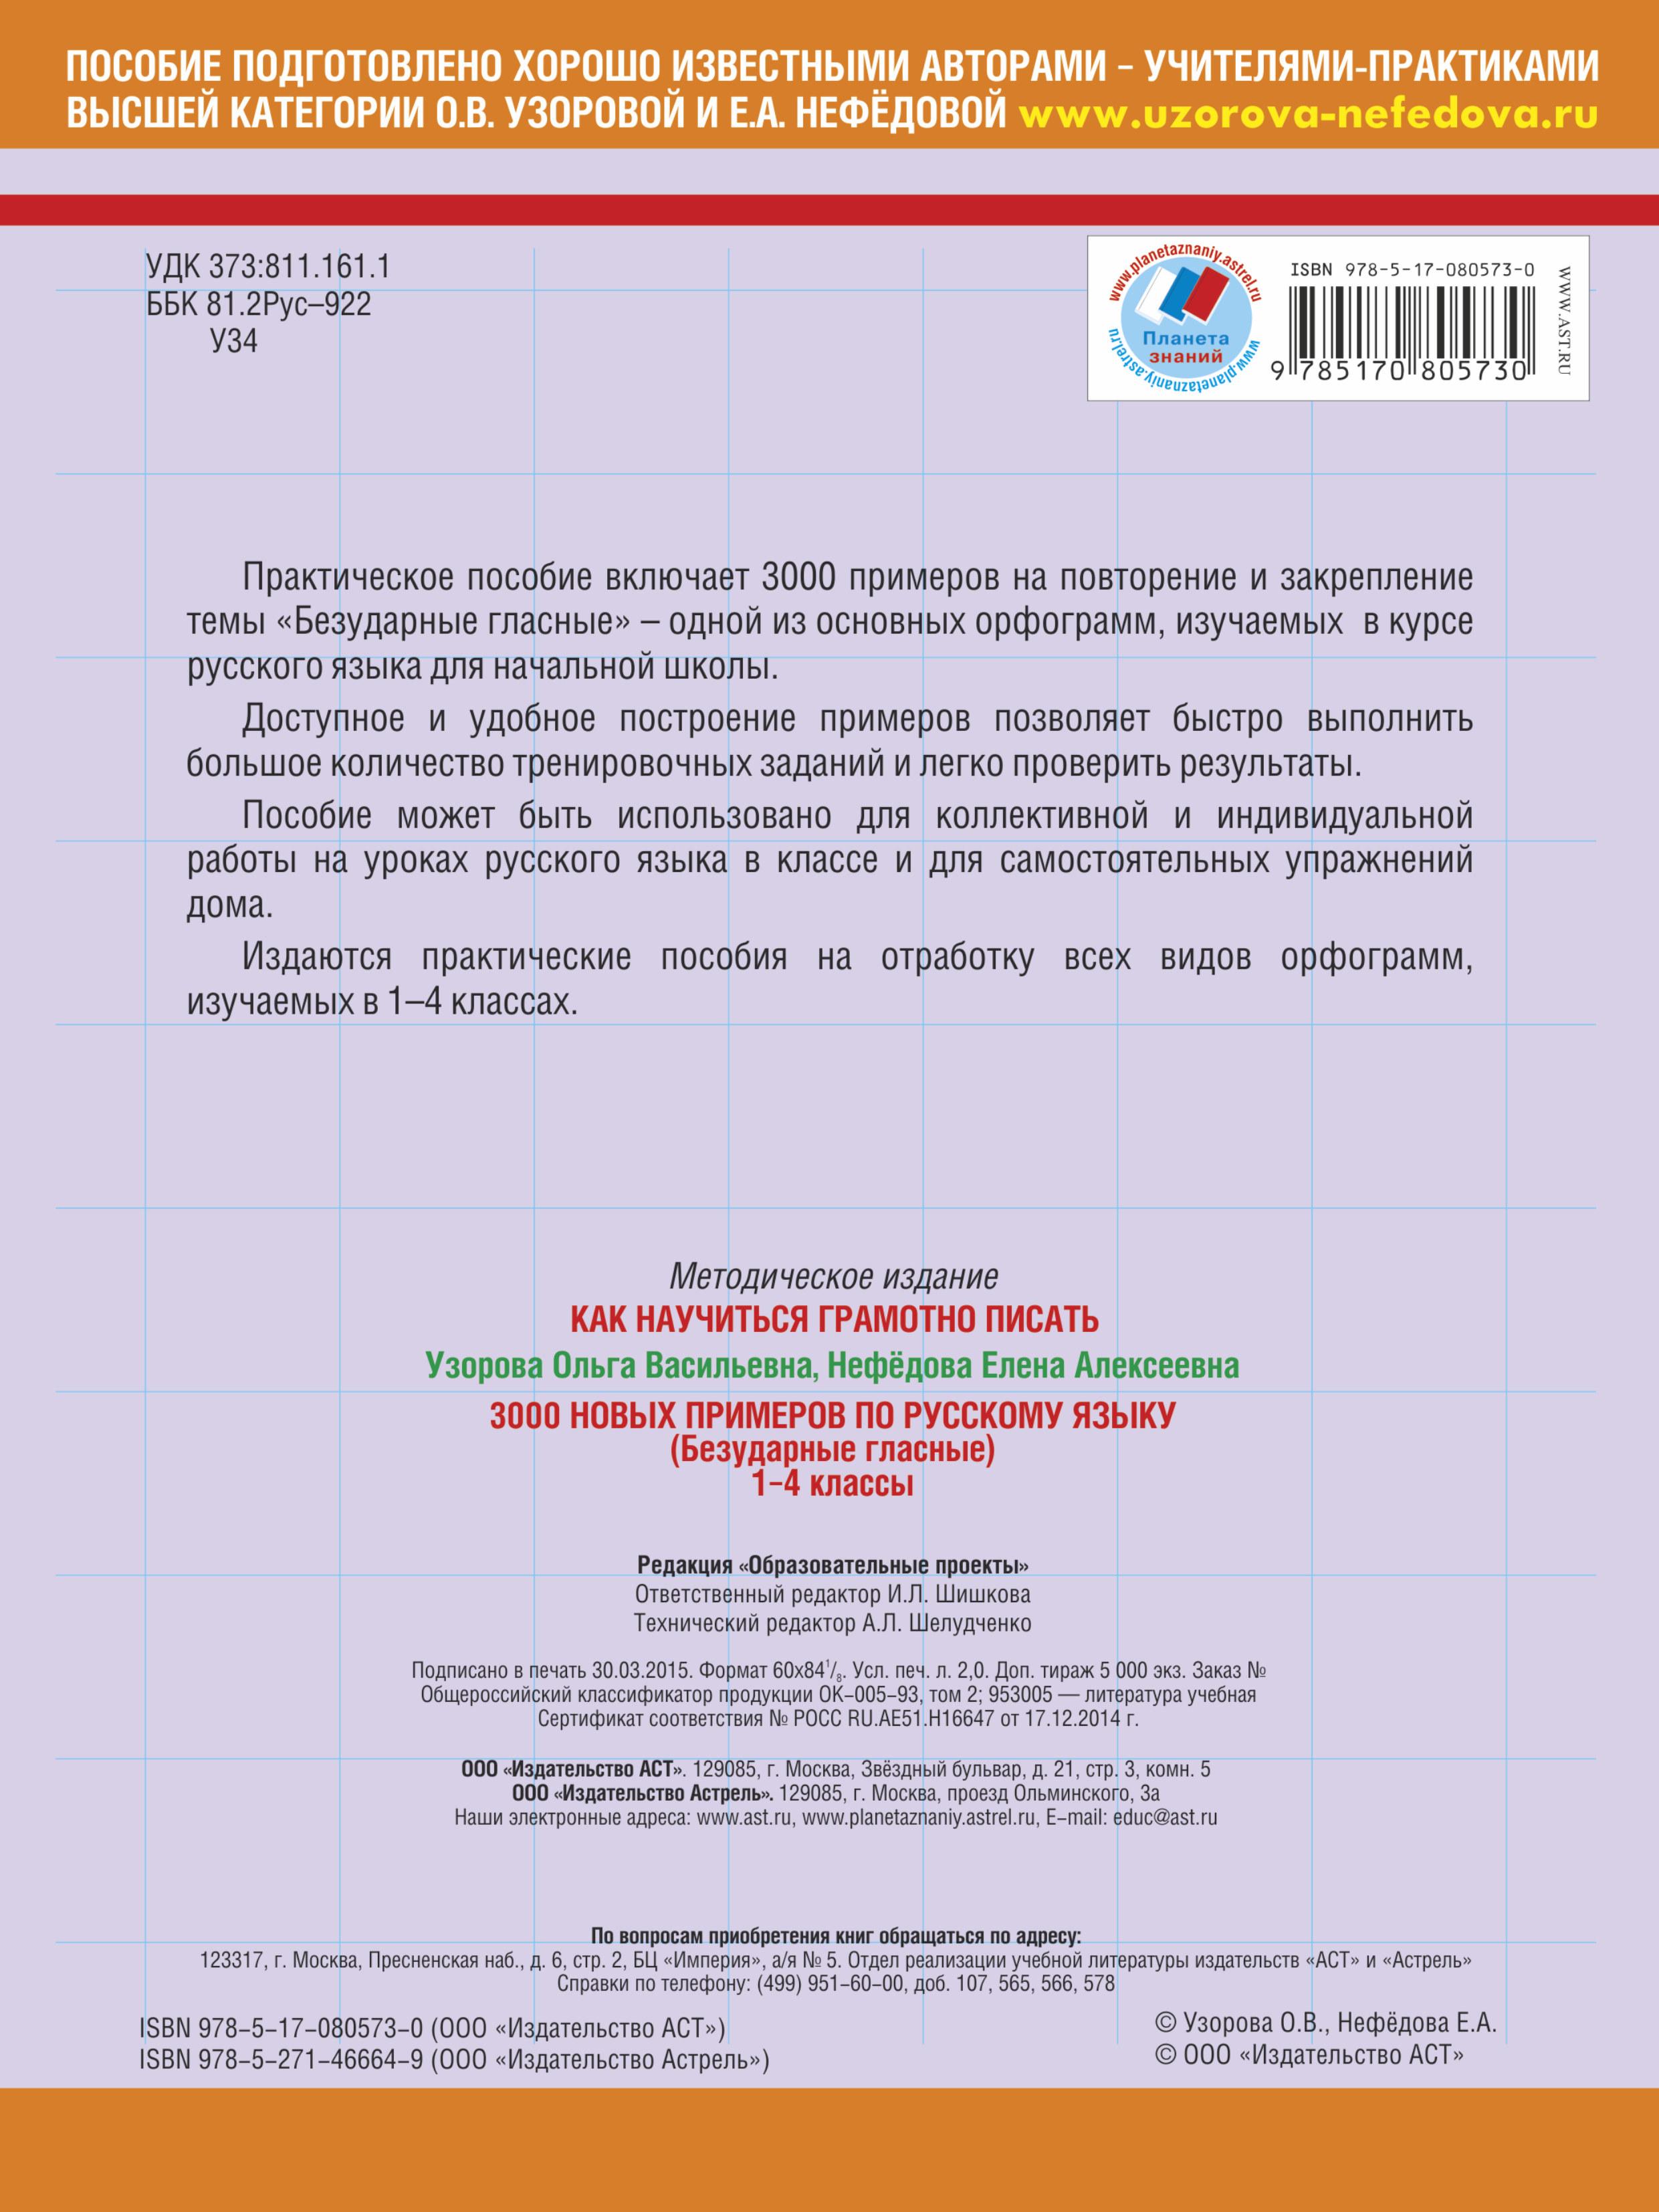 Русский язык. 1-4 классы. 3000 примеров. Безударные гласные. Практическое пособие